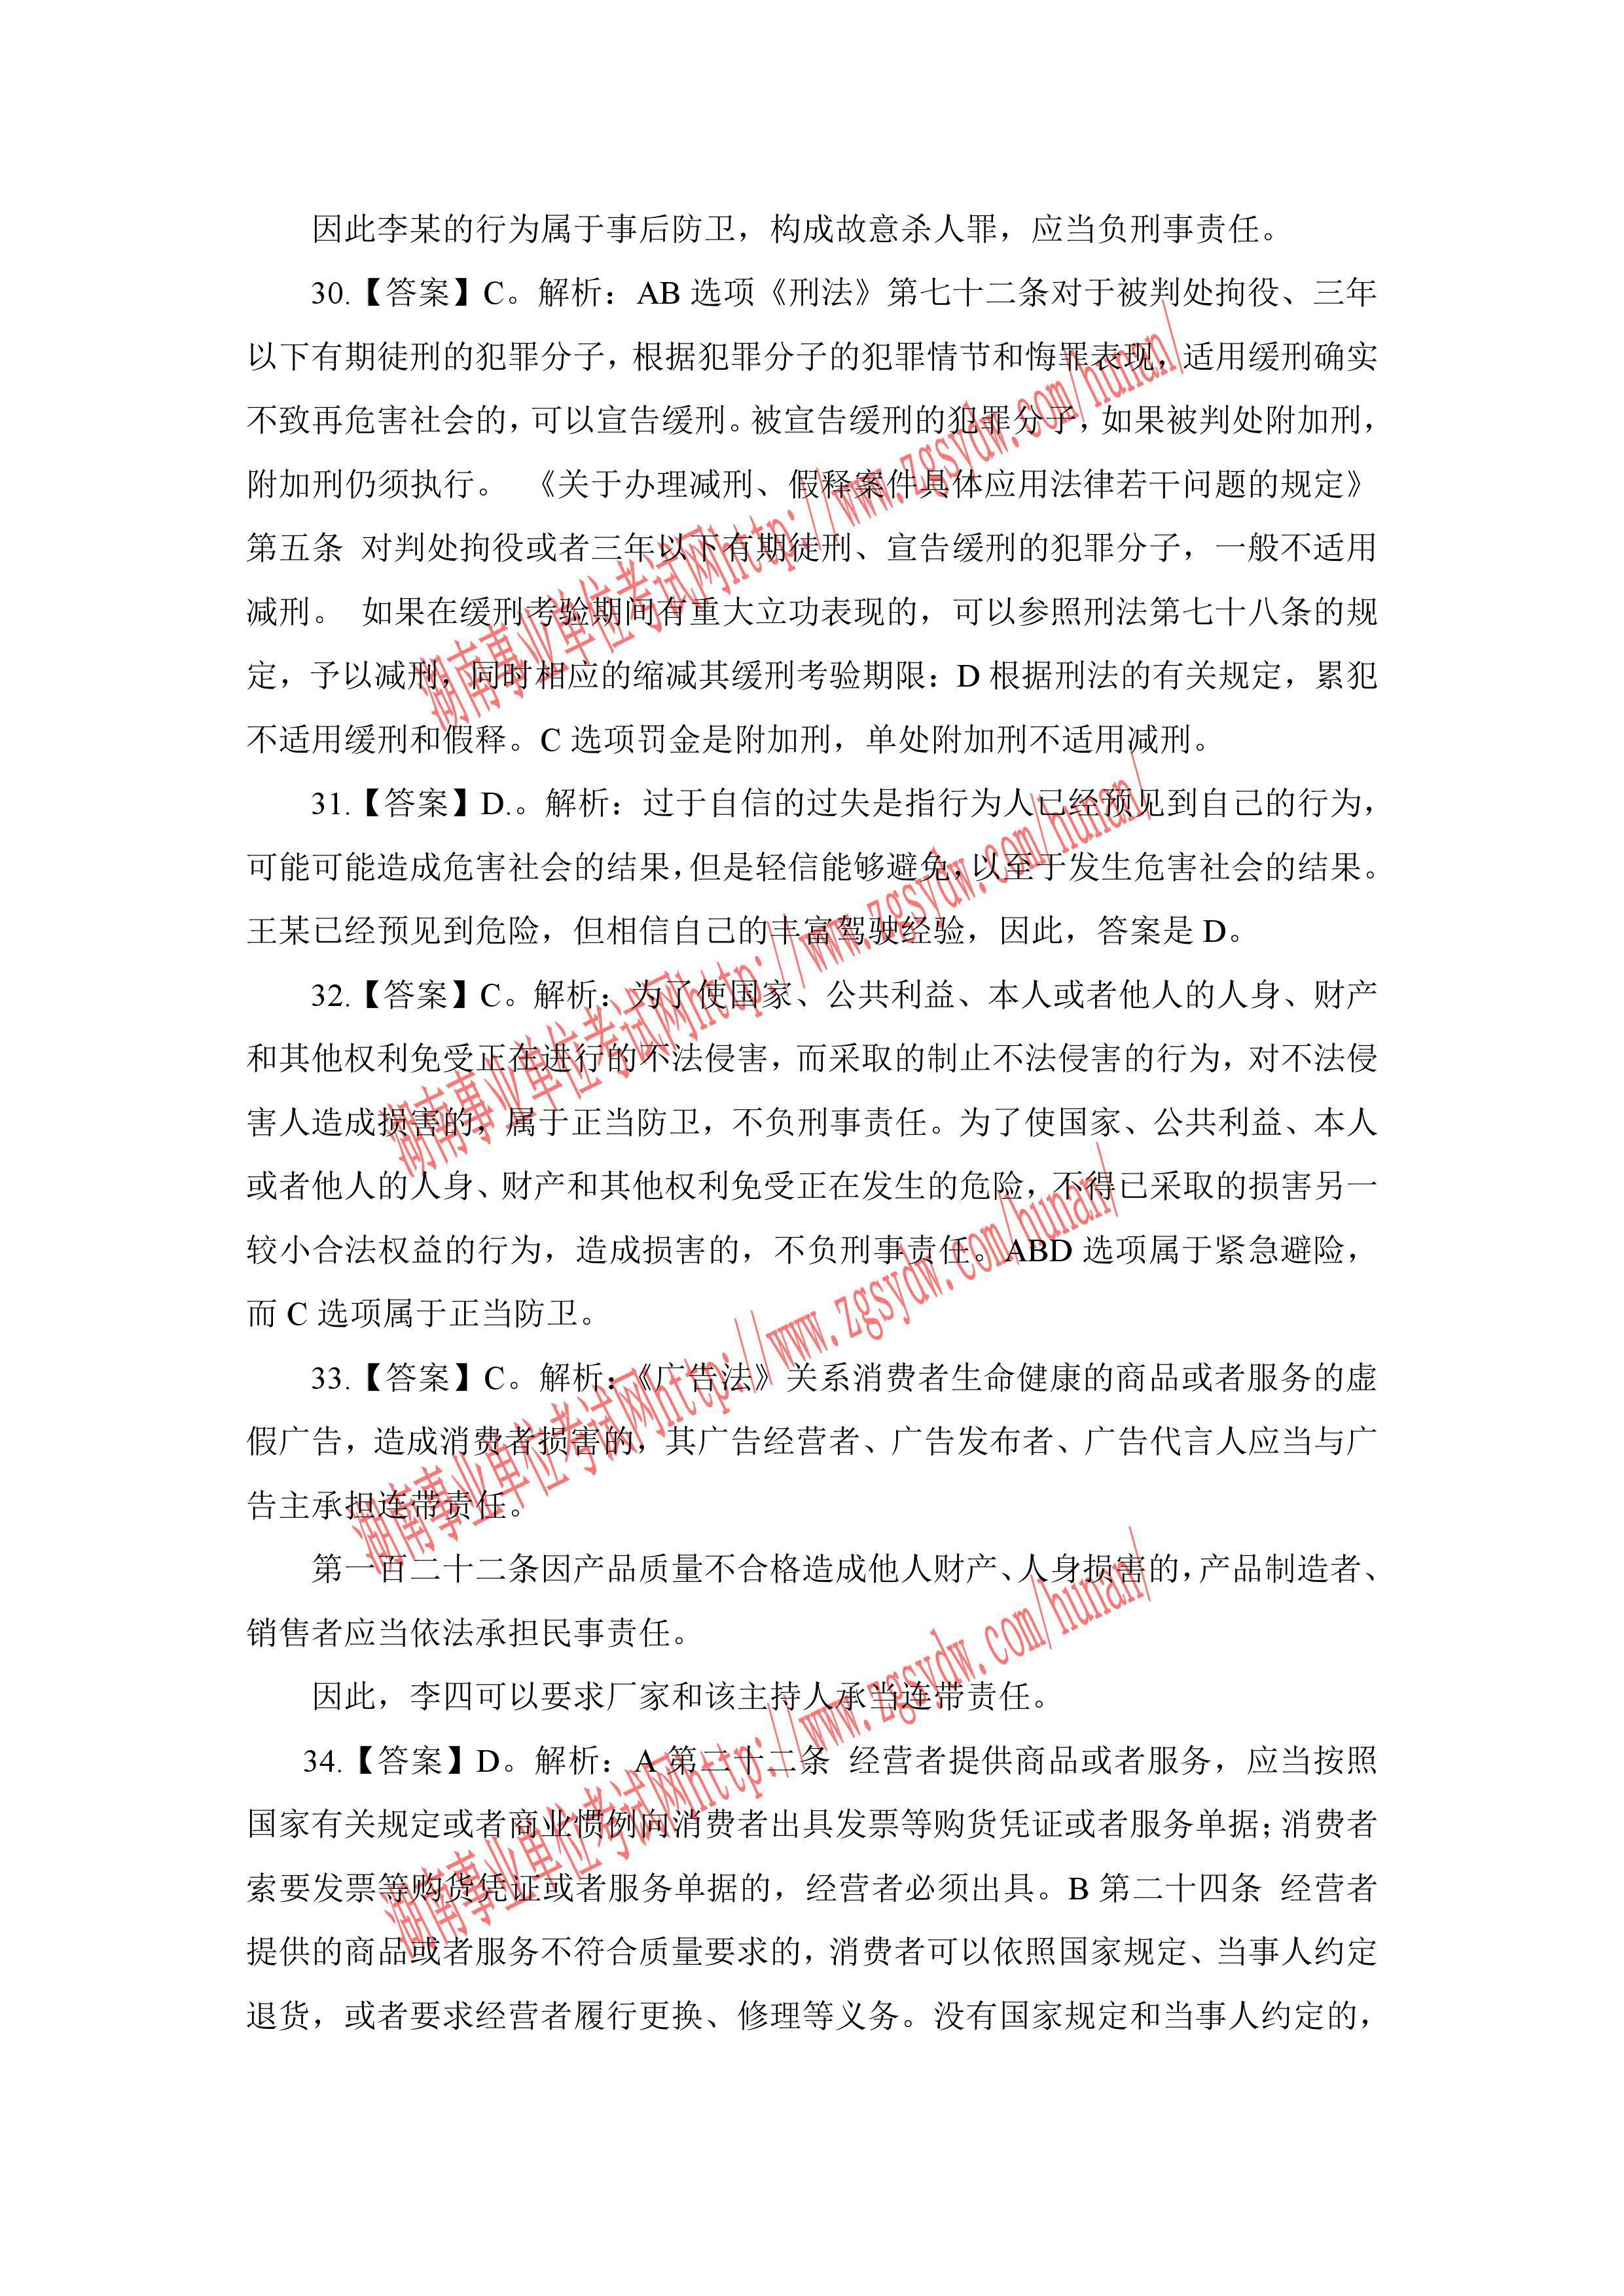 2015湖南张家界市直事业单位笔试真题答案